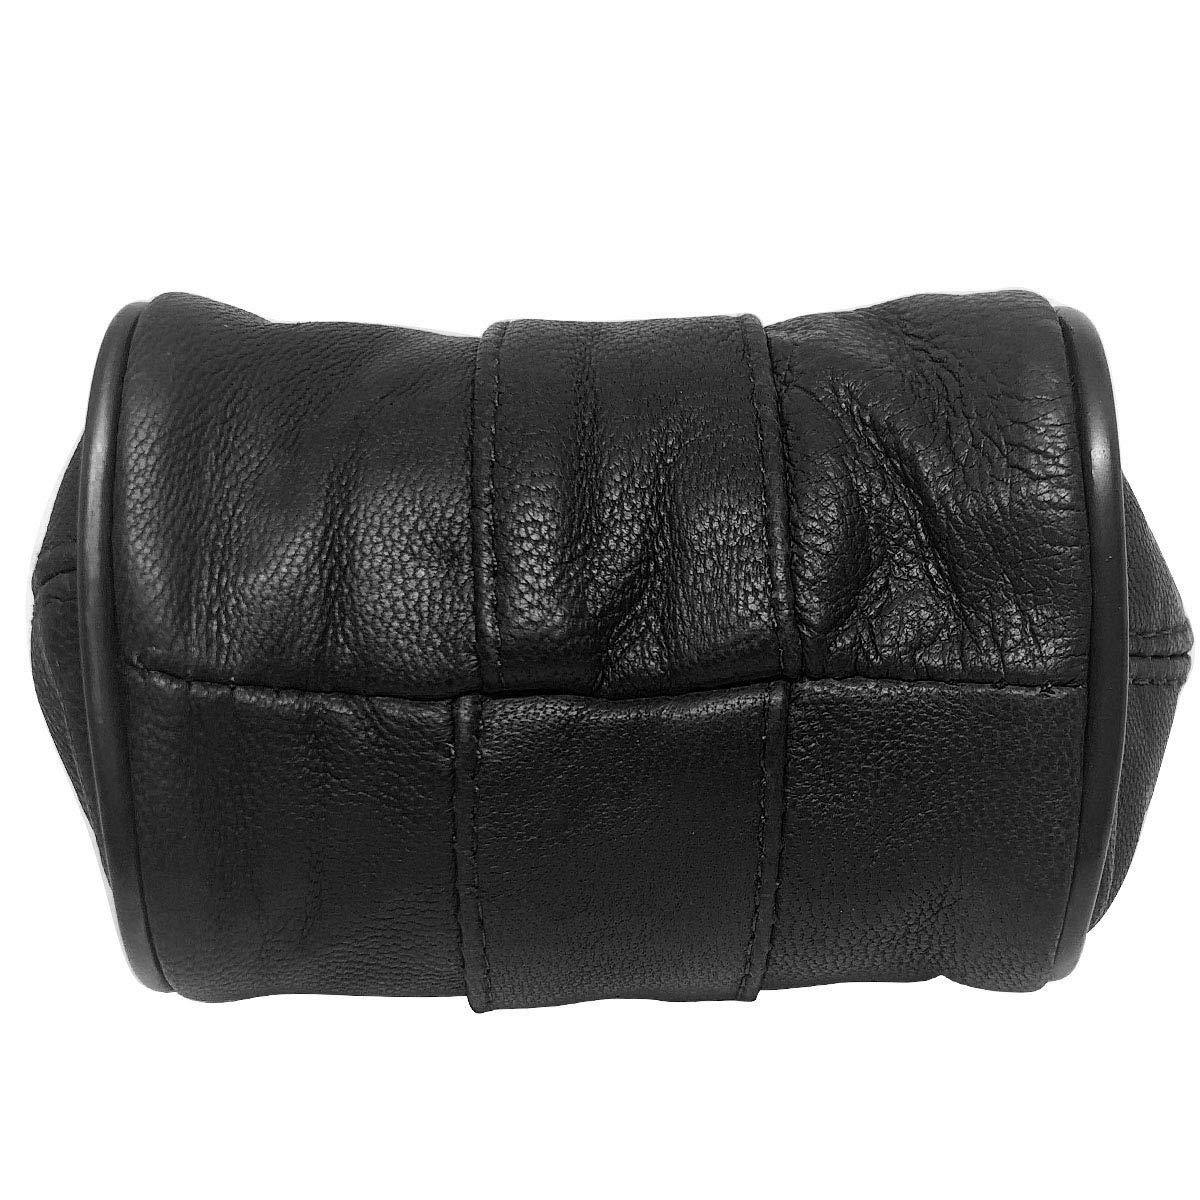 Beige LIVAN/® Porte-Monnaie Clic-Clac R/étro 8,5 x 7,5 x 4,5 cm pour pi/èces et Billets L789 Cuir dagneau - Femme Armature m/étallique dor/é 1 Compartiment